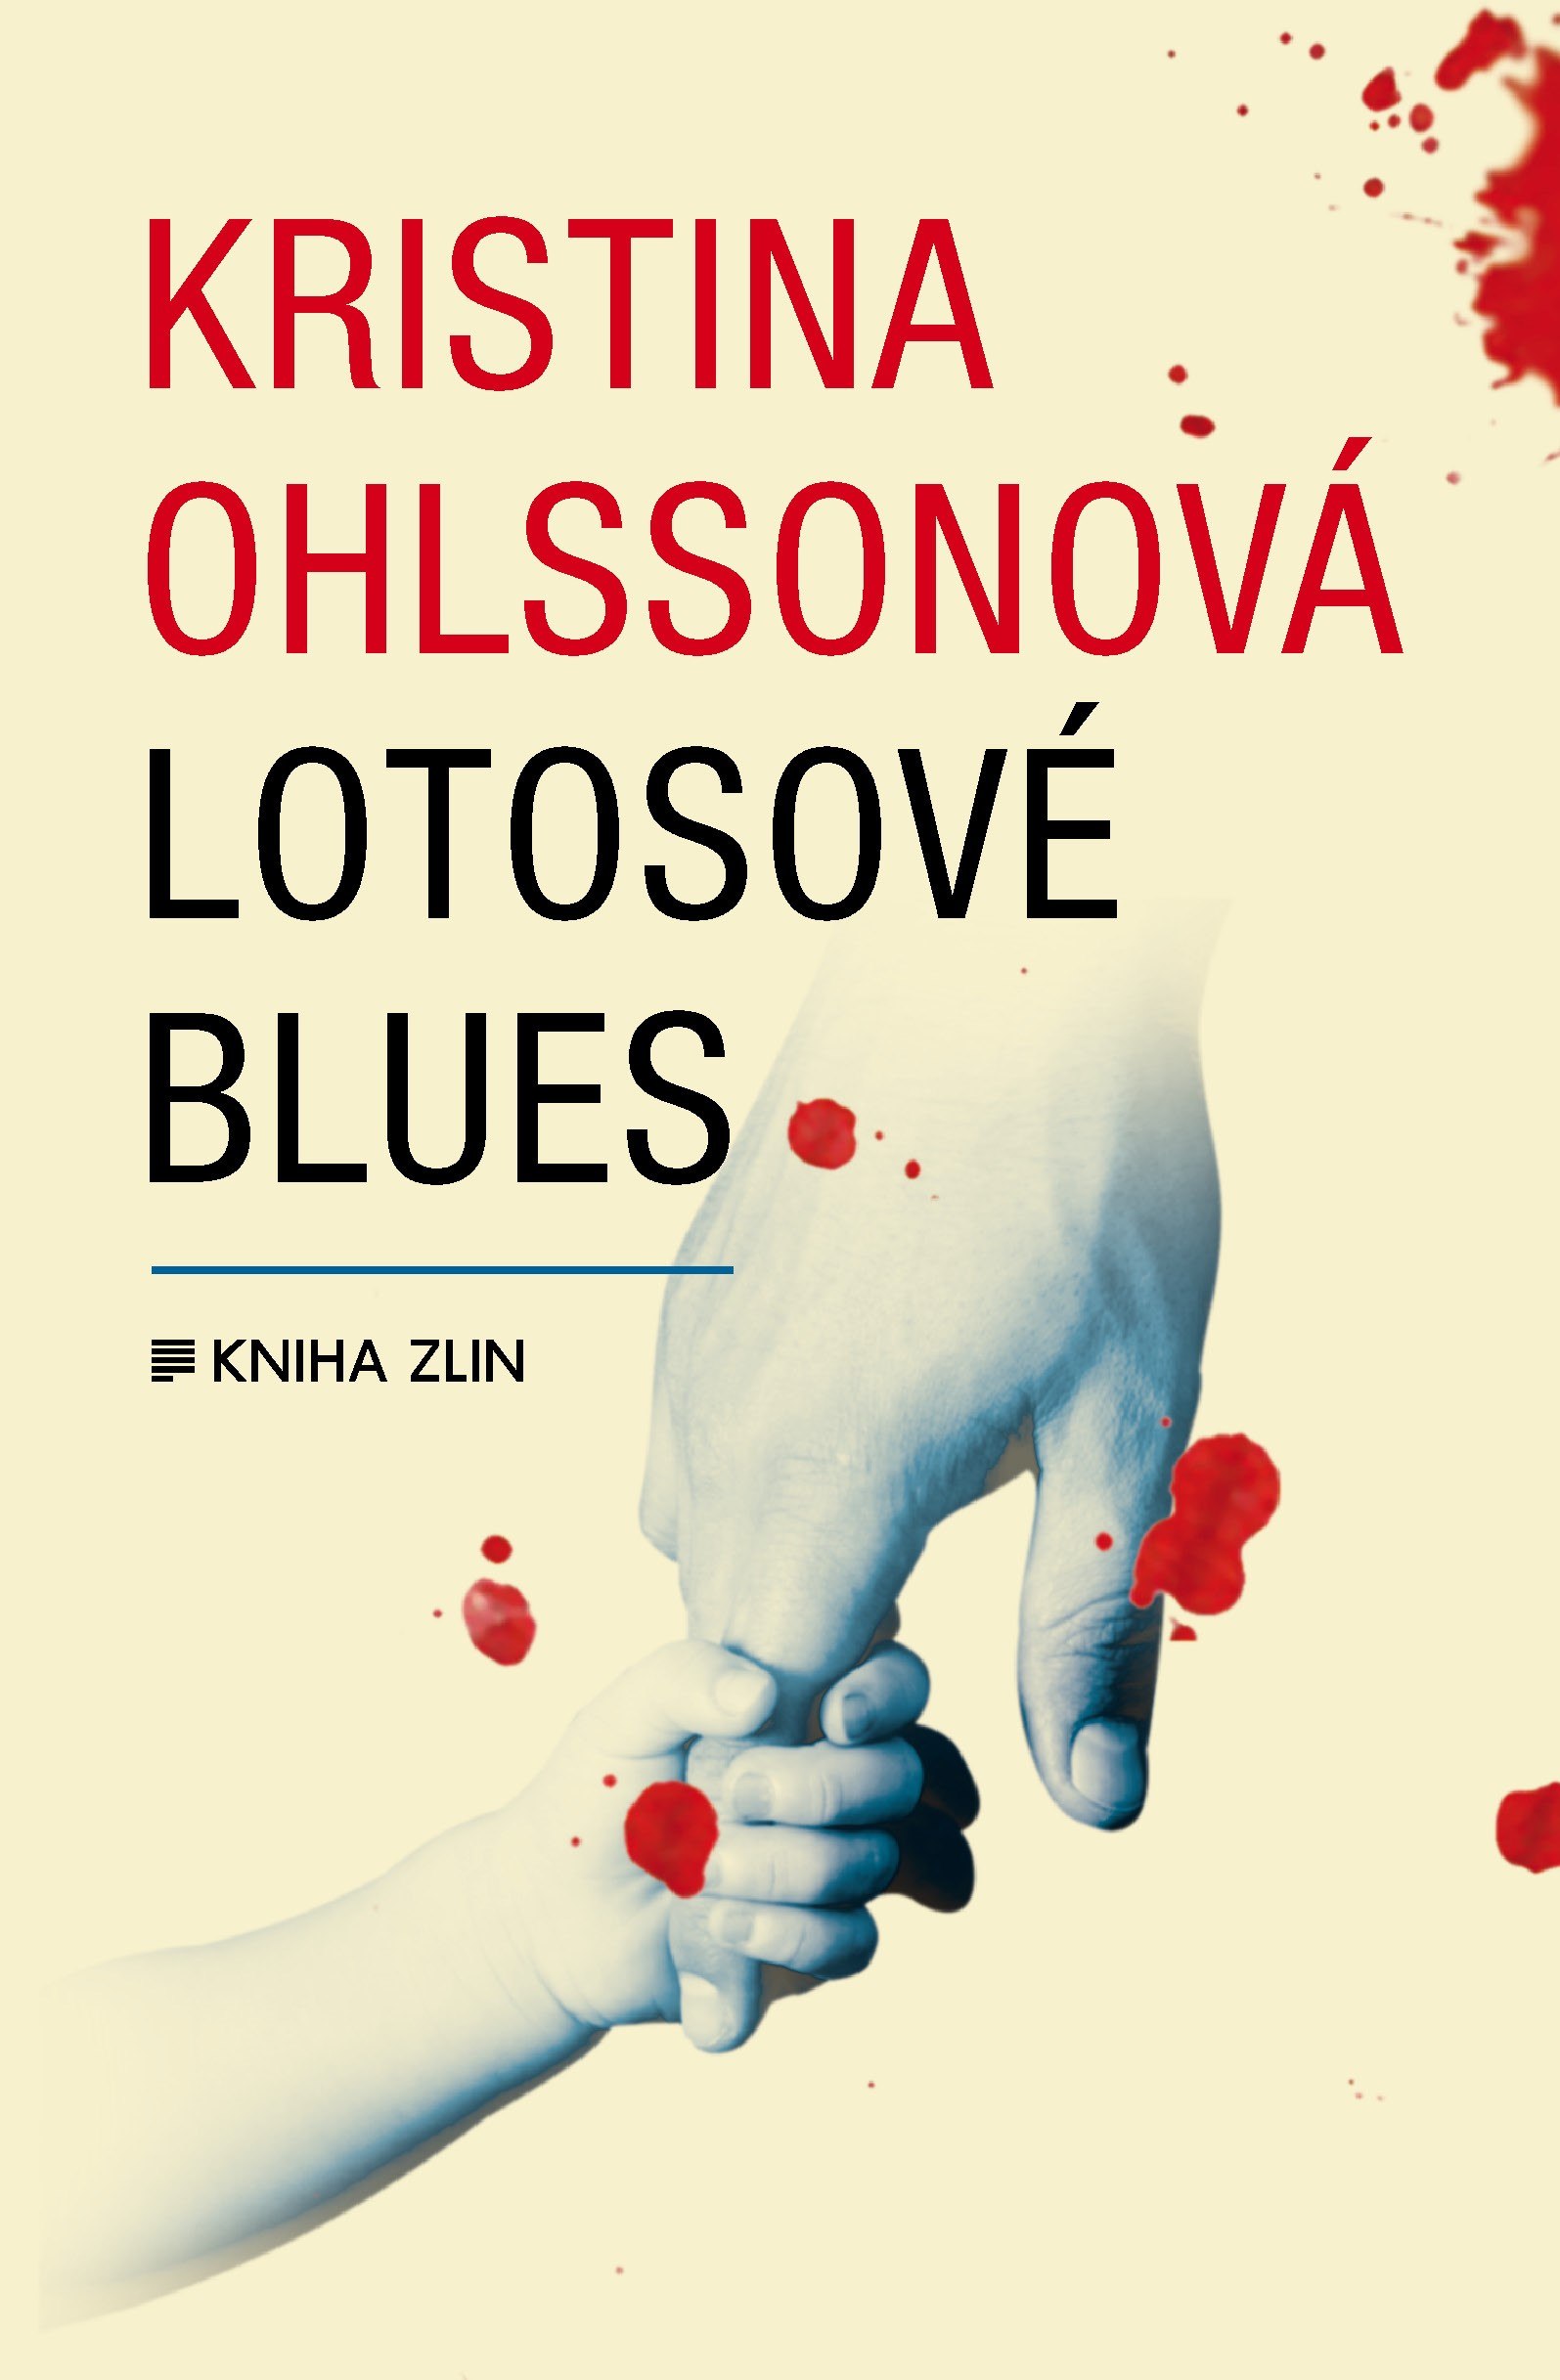 Lotosové blues (paperback) | Luisa Robovská, Kristina Ohlssonová